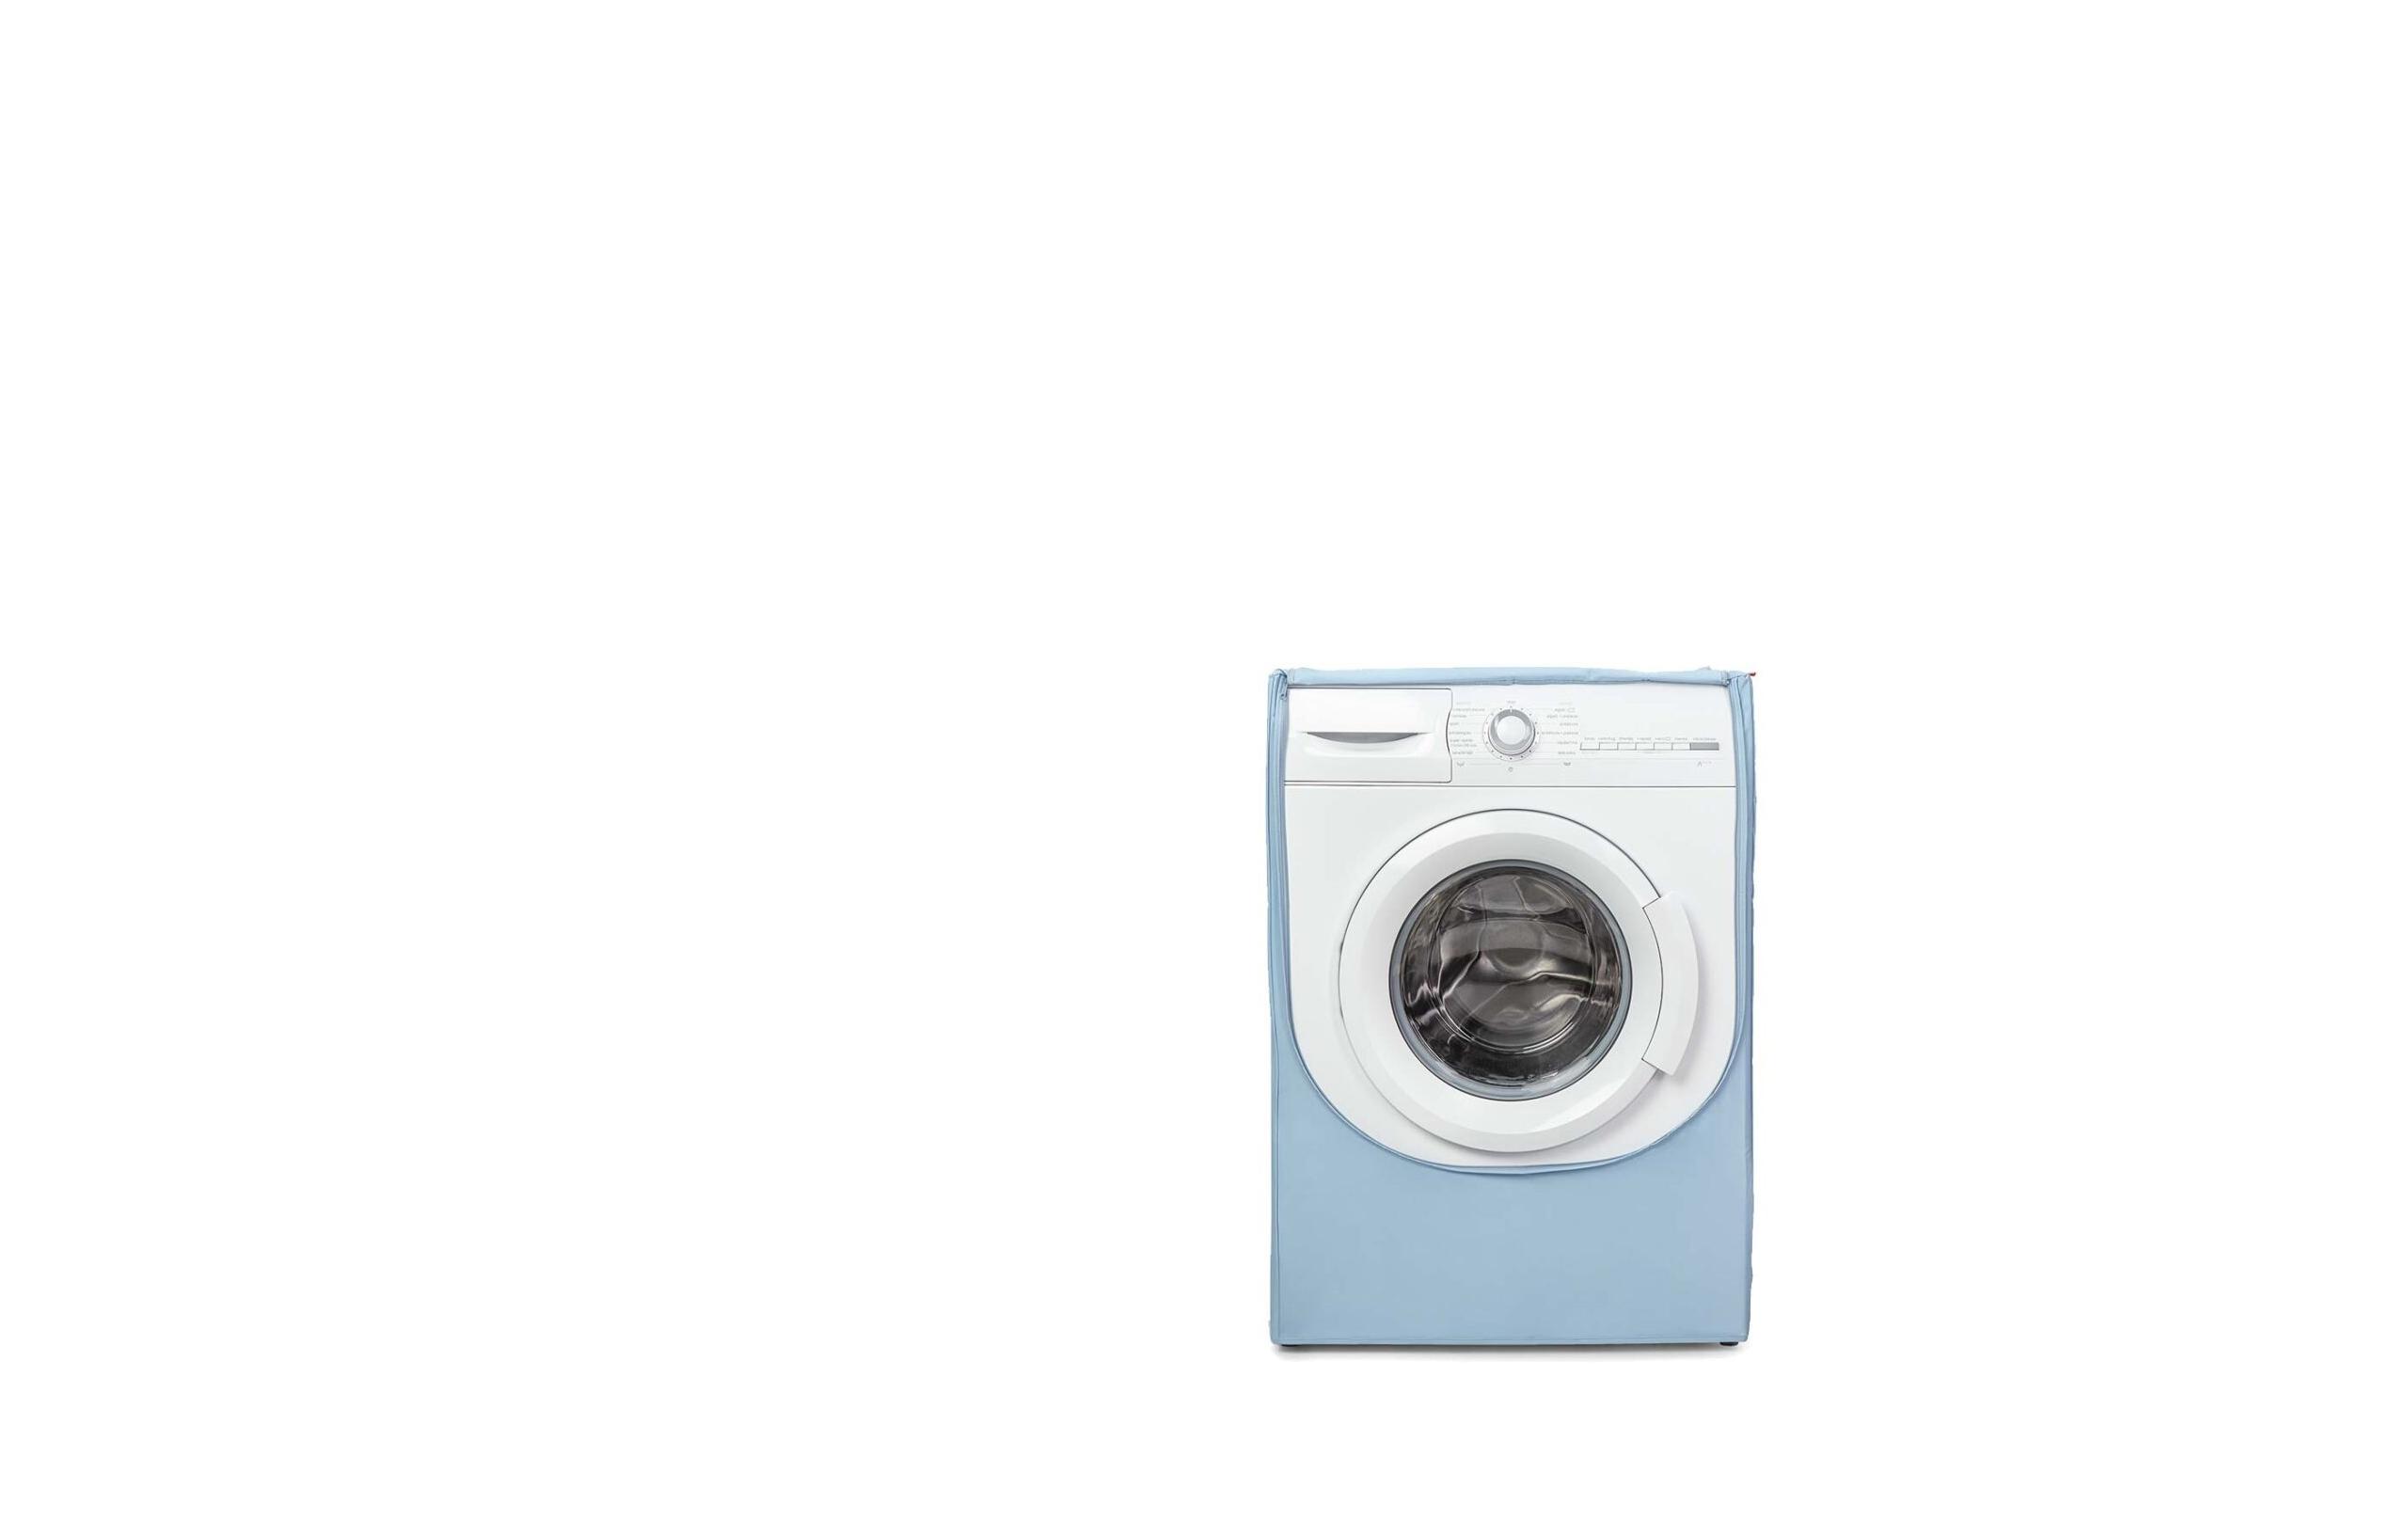 fundas-lavadora-2-2021-scaled-1 fundas-lavadora-2-2021-scaled | Rayen.com